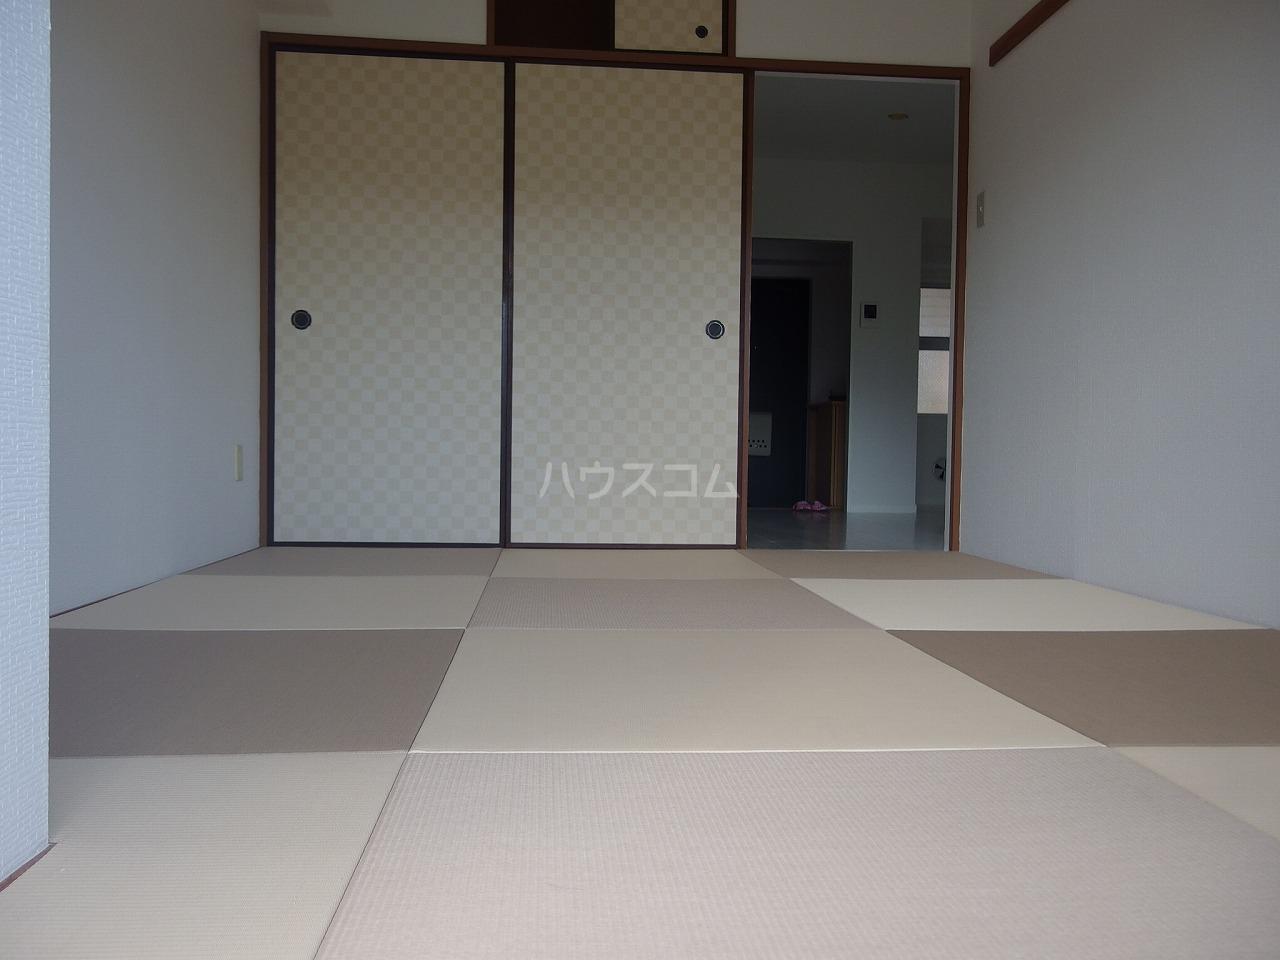 シャトルブラウンA 206号室の風呂